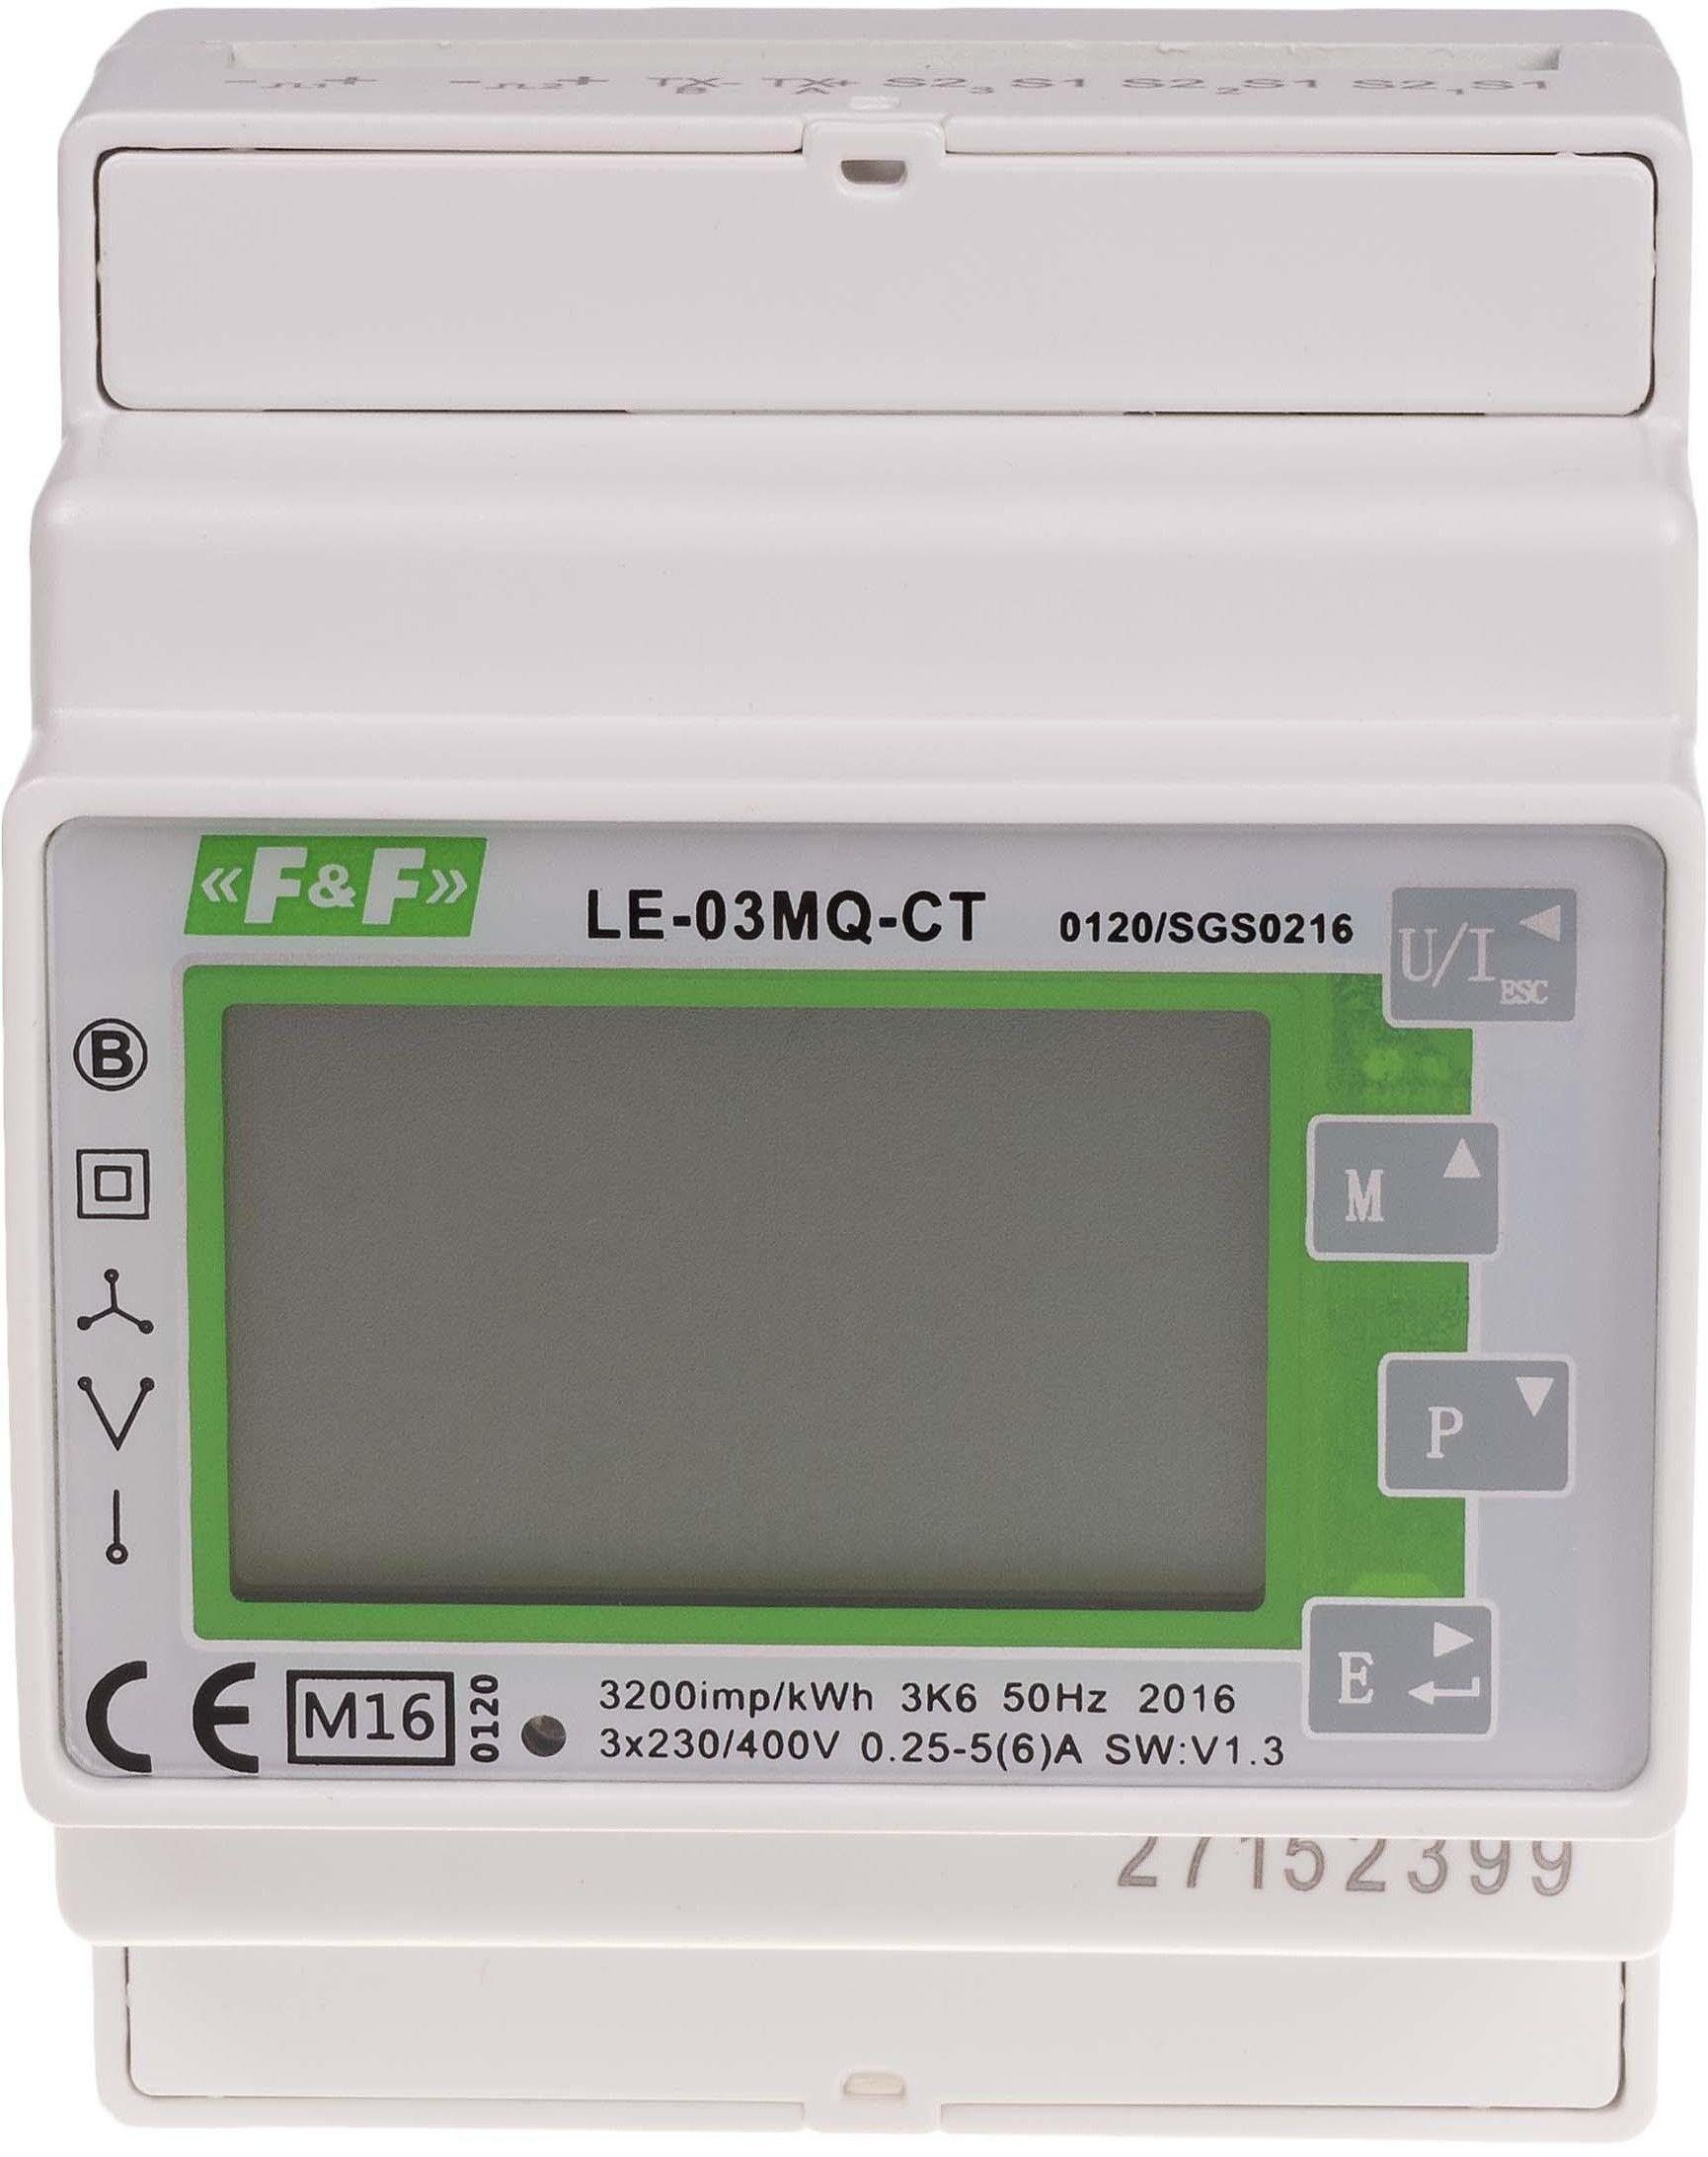 Trójfazowy dwukierunkowy licznik pośredni i półpośredni MODBUS RTU100 LE-03MQ-CT